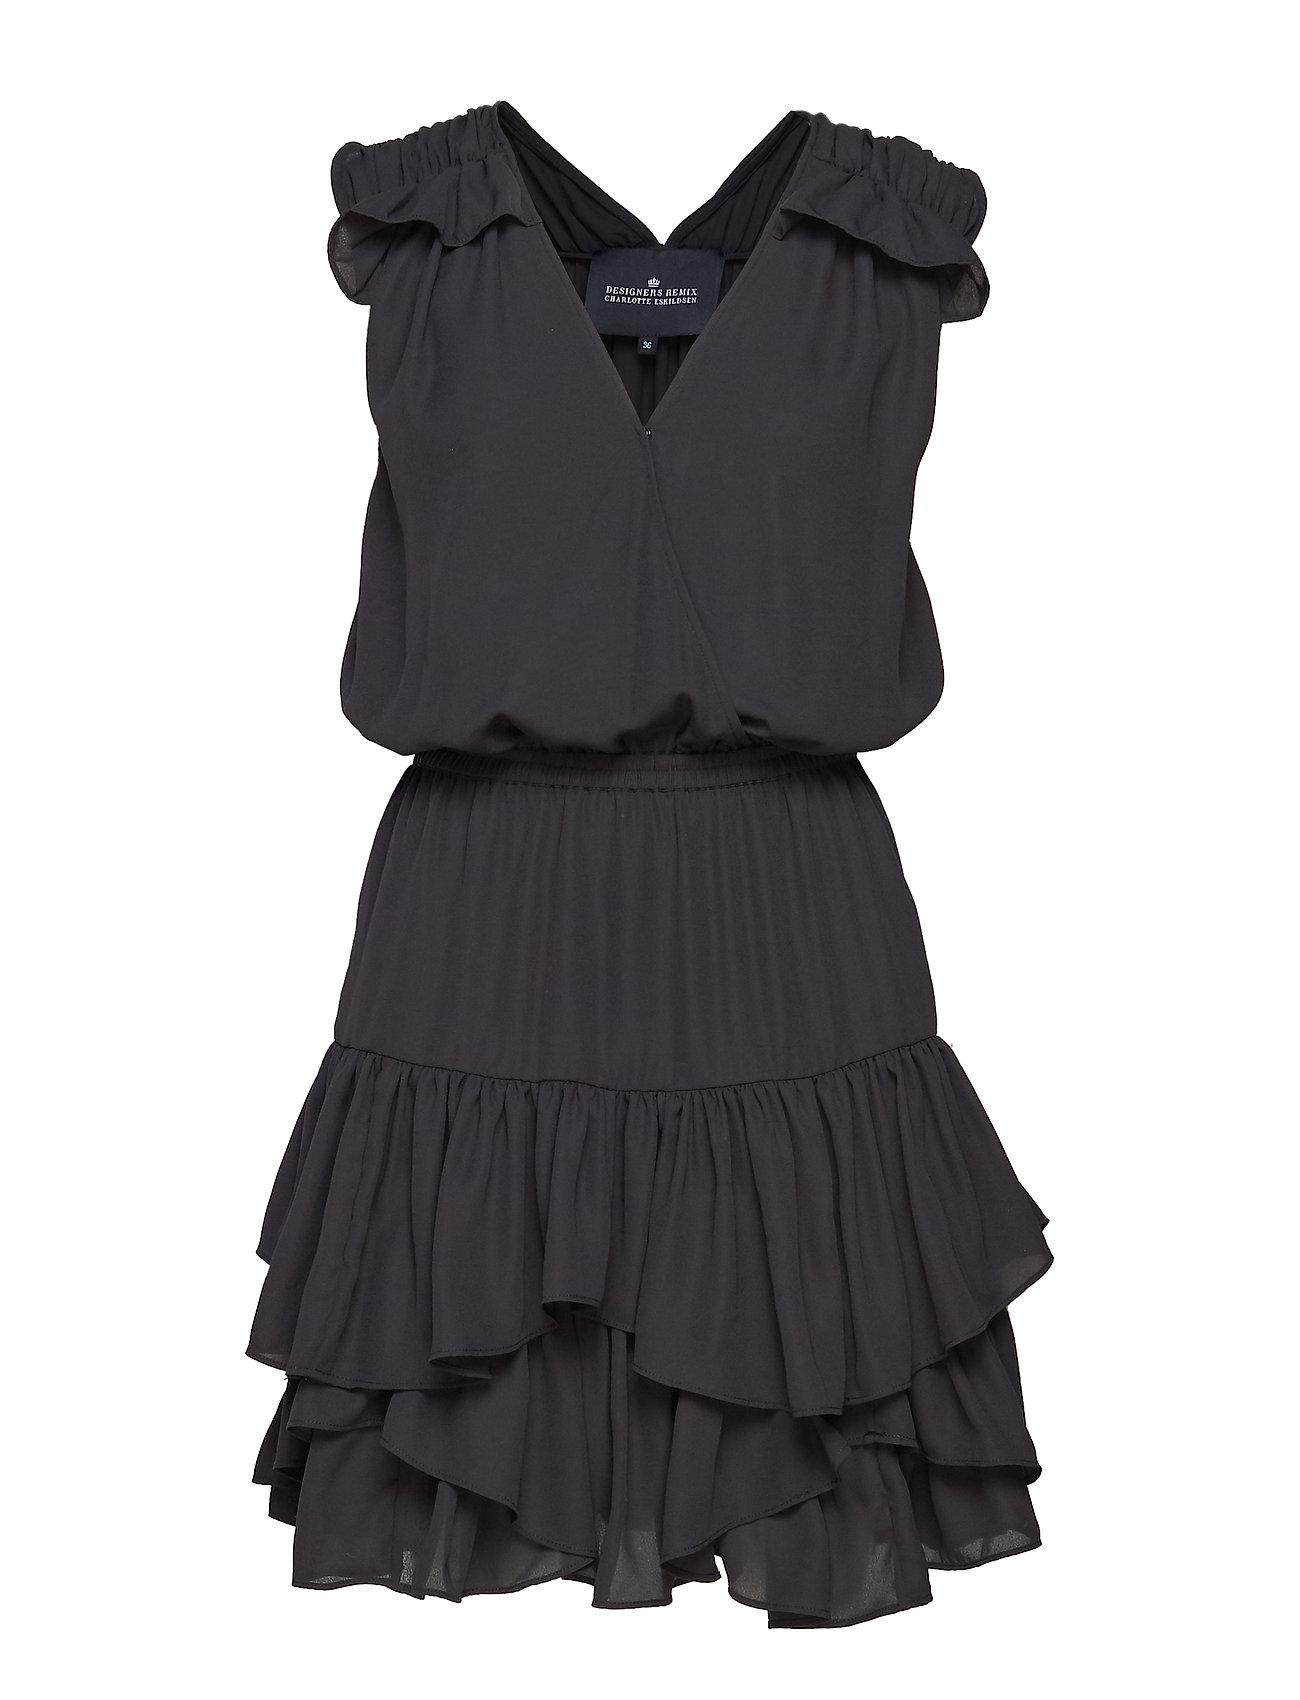 b111eb7e253 Saga Summer korte kjoler fra Designers Remix til dame i Sort ...